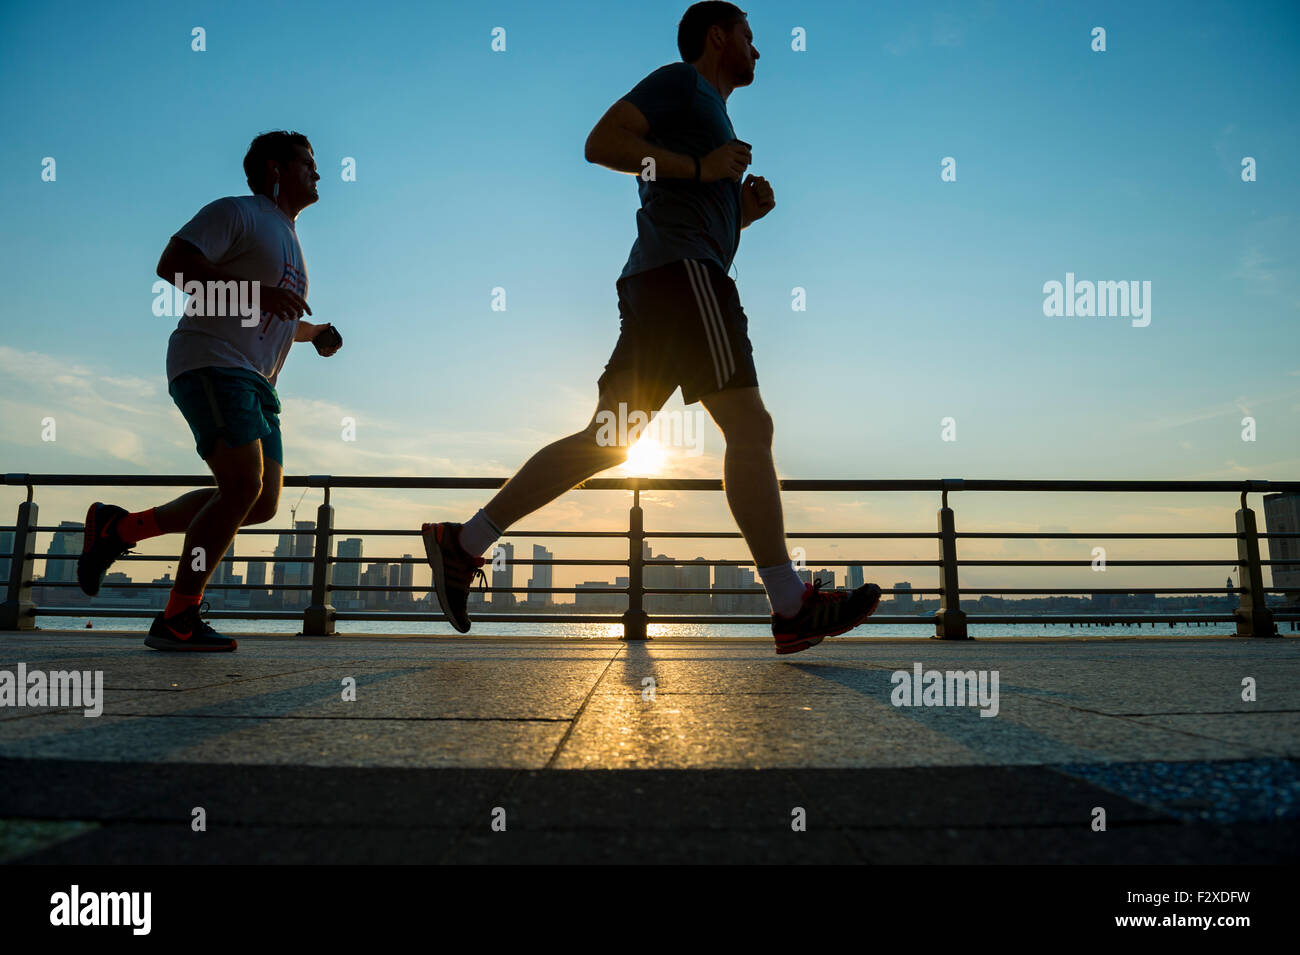 NEW YORK CITY, USA - 15. August 2015: Silhouetten der Männer laufen bei Sonnenuntergang auf der Promenade des Stockbild